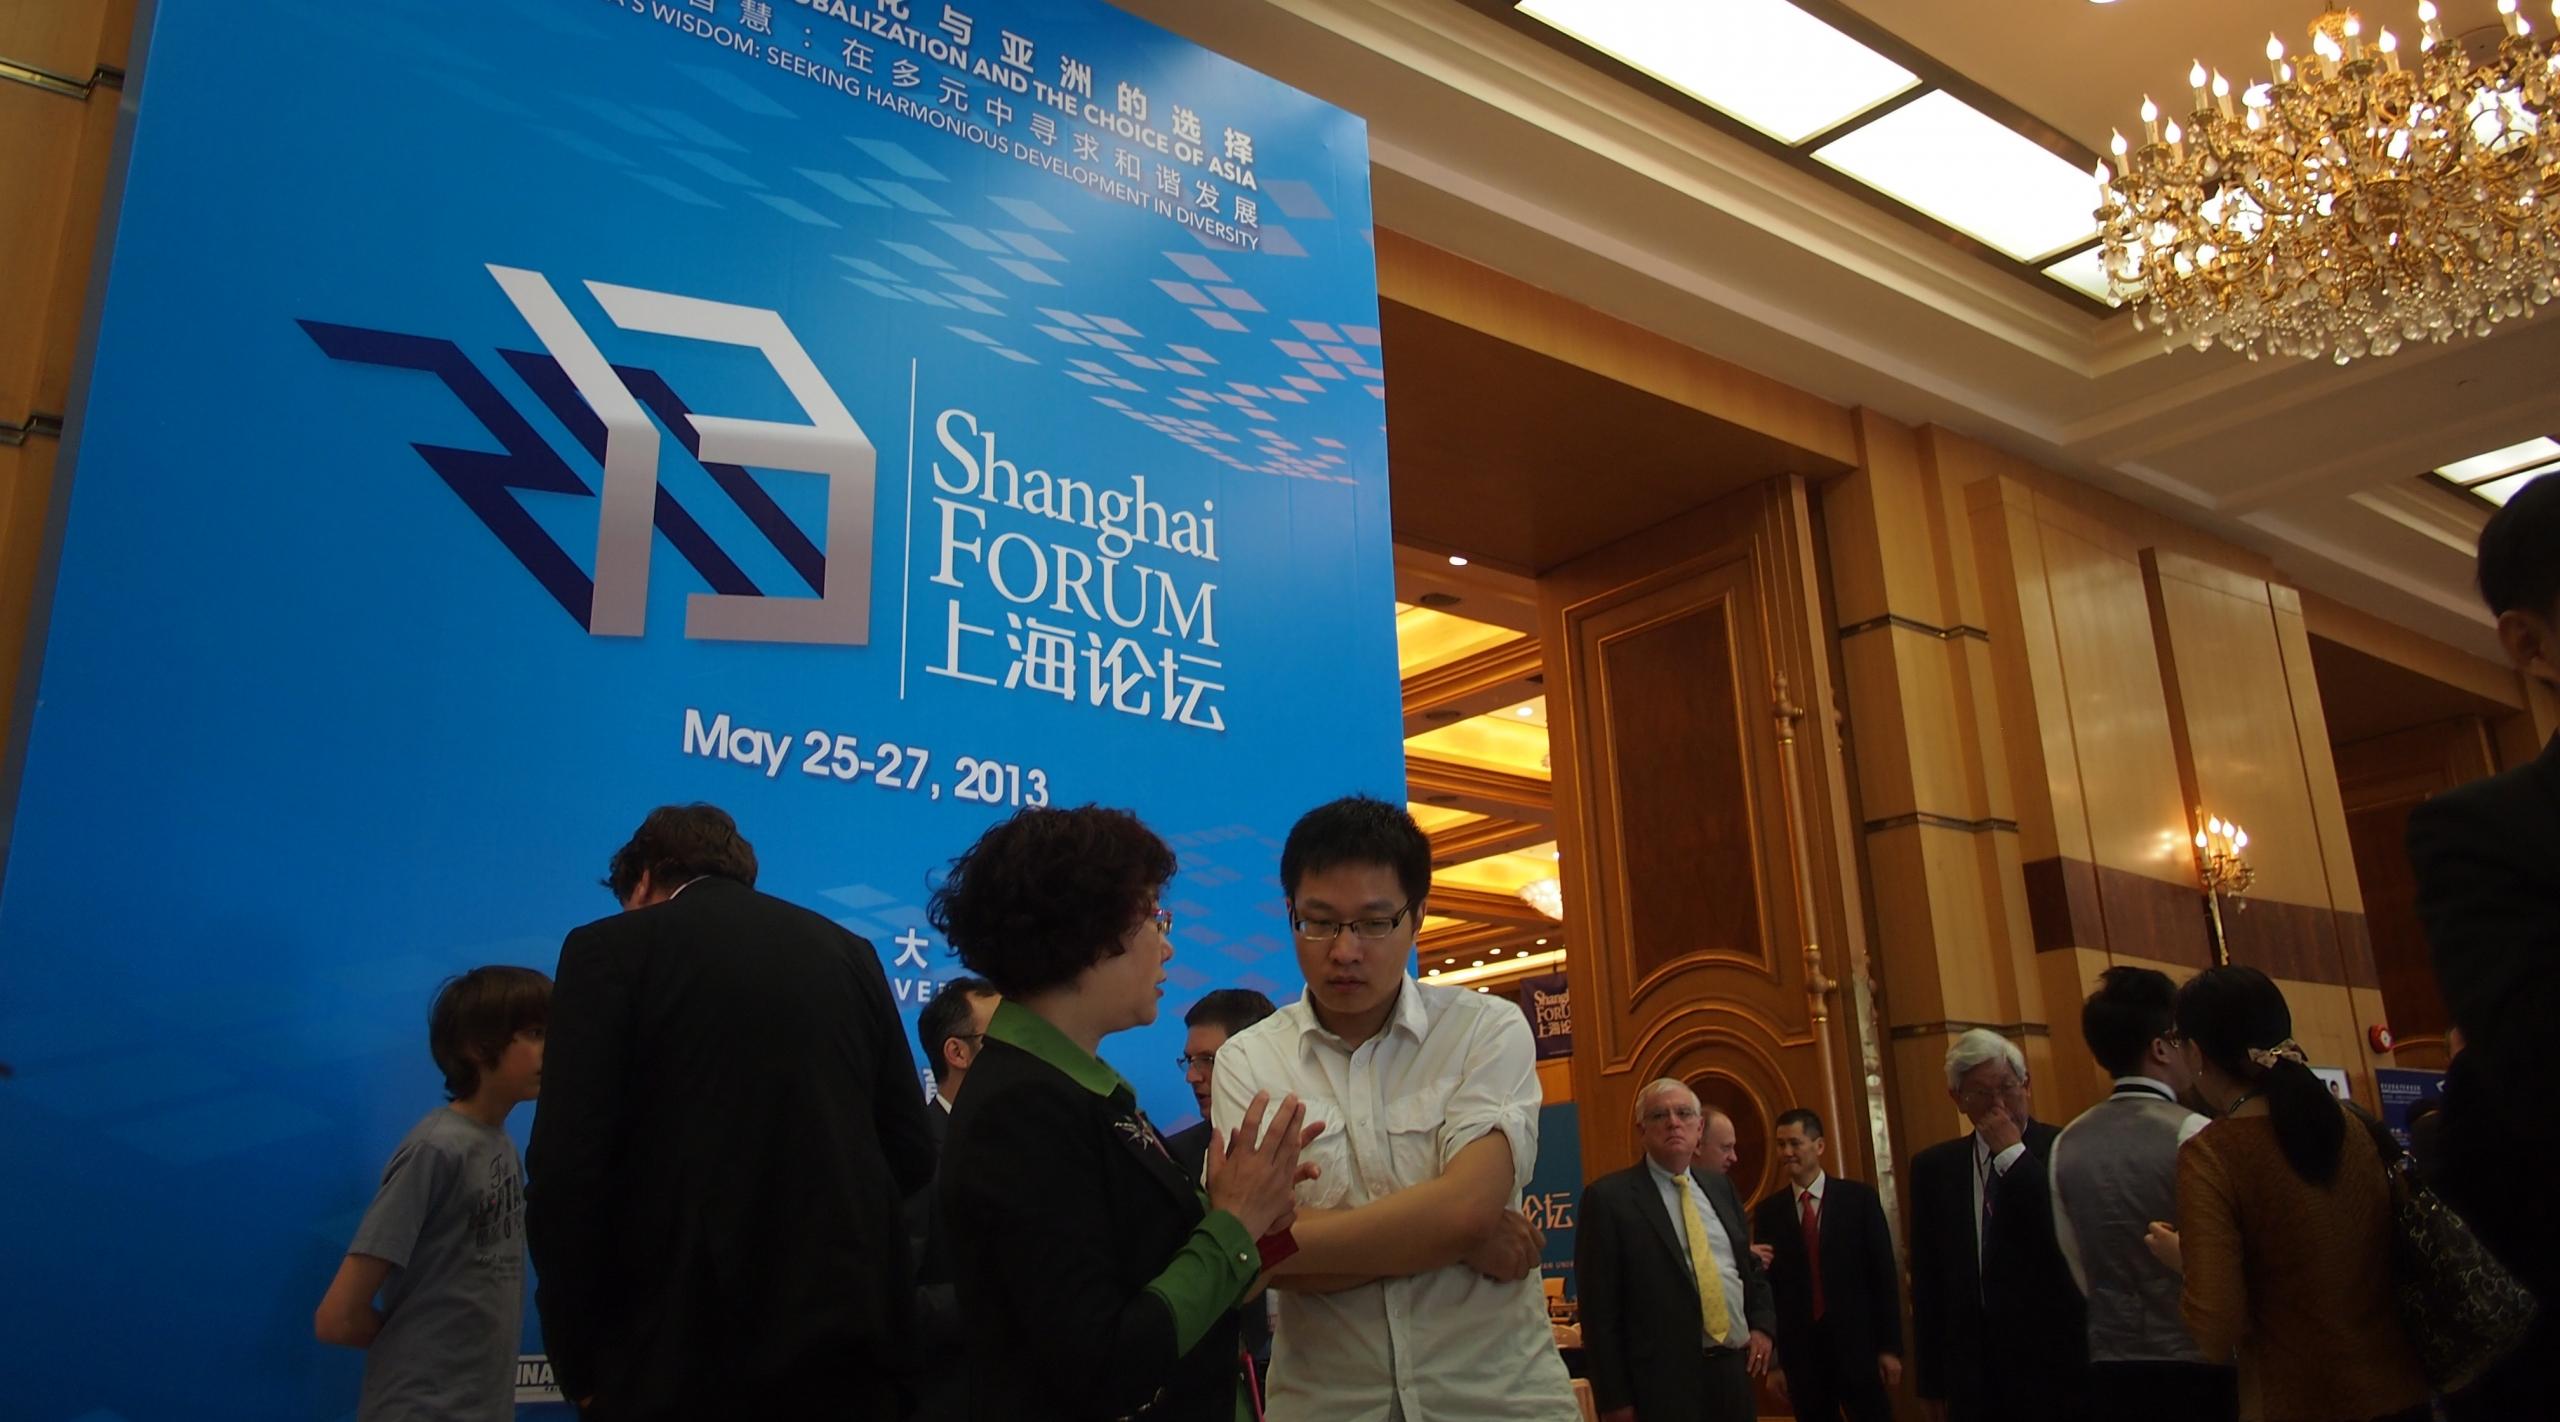 Ihmisiä Shanghai forumissa